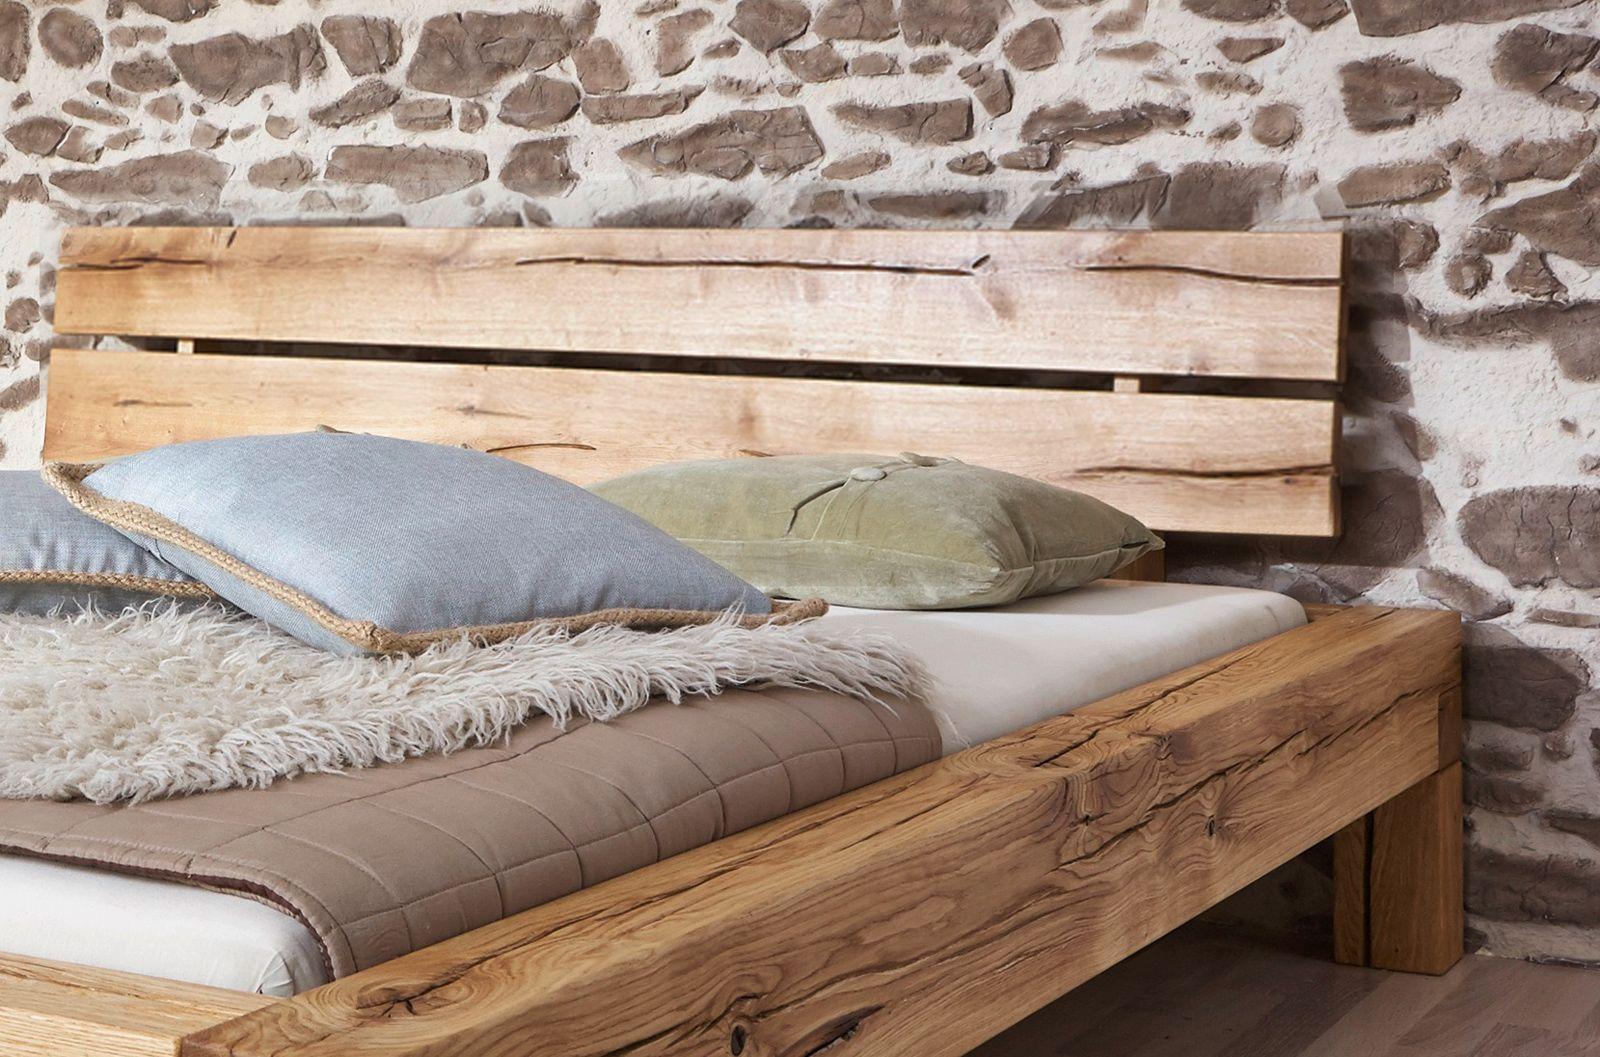 Schlafzimmerschrank kernbuche ~ Wohnwand kernbuche sena mit sideboard anbauwand holz teilmassiv